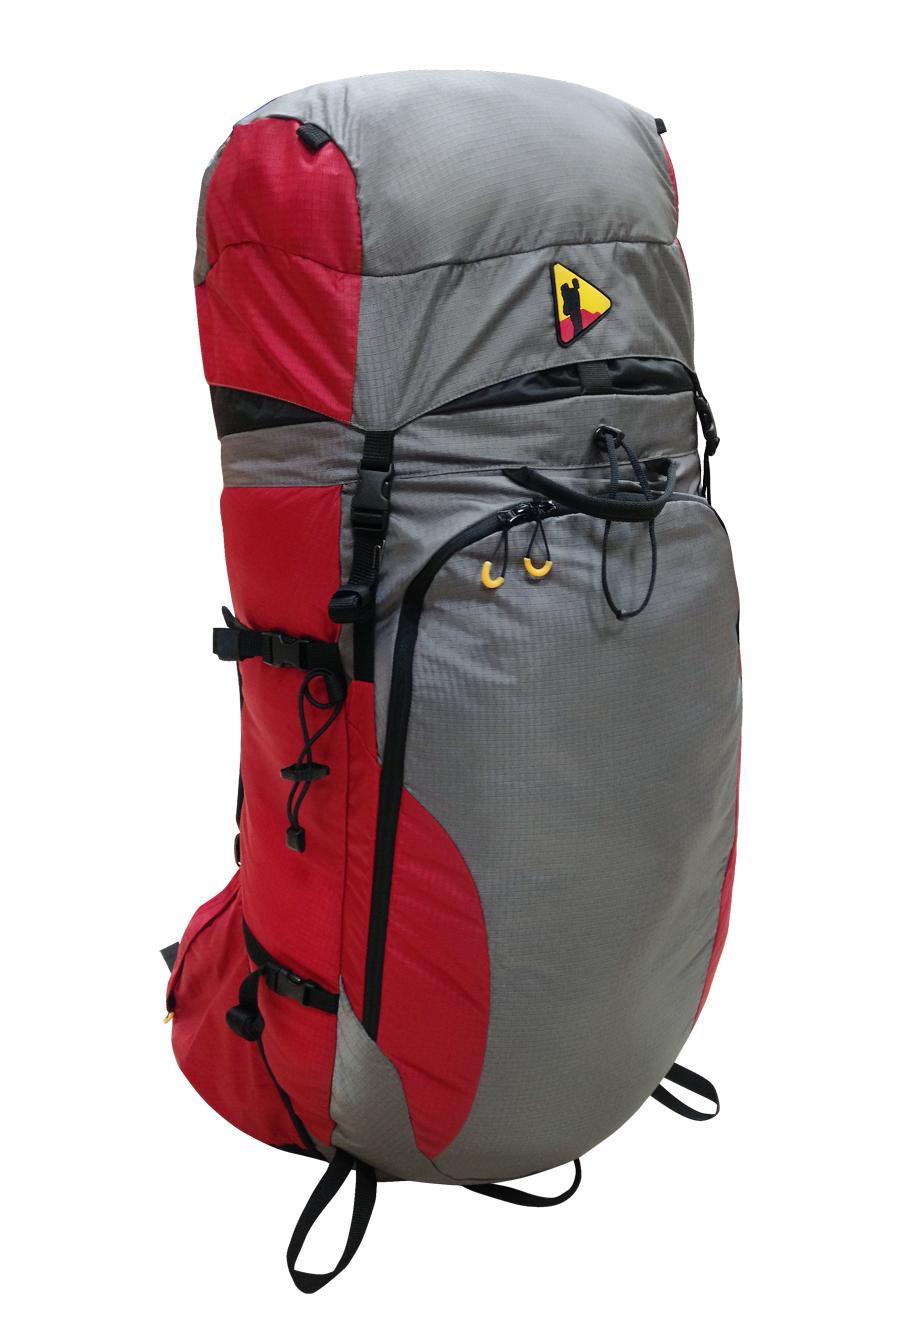 Рюкзак BASK BERG 110 4052Практичный рюкзак объёмом 110 л. Предусмотрен специальный вход на молнии со стороны спины для быстрого доступа.<br><br>Анатомическая конструкция спины и ремней: Да<br>Вес граммы: 2100<br>Возможность крепления сноуборда/скейтборда/лыж: Да<br>Грудной фиксатор: Да<br>Карманы на поясе: Да<br>Клапан: съемный<br>Назначение: экспедиционный, туристический, спортивный<br>Наружная навеска: Да<br>Наружные карманы: Да<br>Объем л.: 110<br>Пол: мужской<br>Регулировка объема: Да<br>Система подвески: система нижней подвески плечевых ремней «Актив»<br>Ткань: 100D Robic® Triple Rip 2000 мм Н2О UTS<br>Усиление дна: Да<br>Размер INT: M<br>Цвет: СИНИЙ